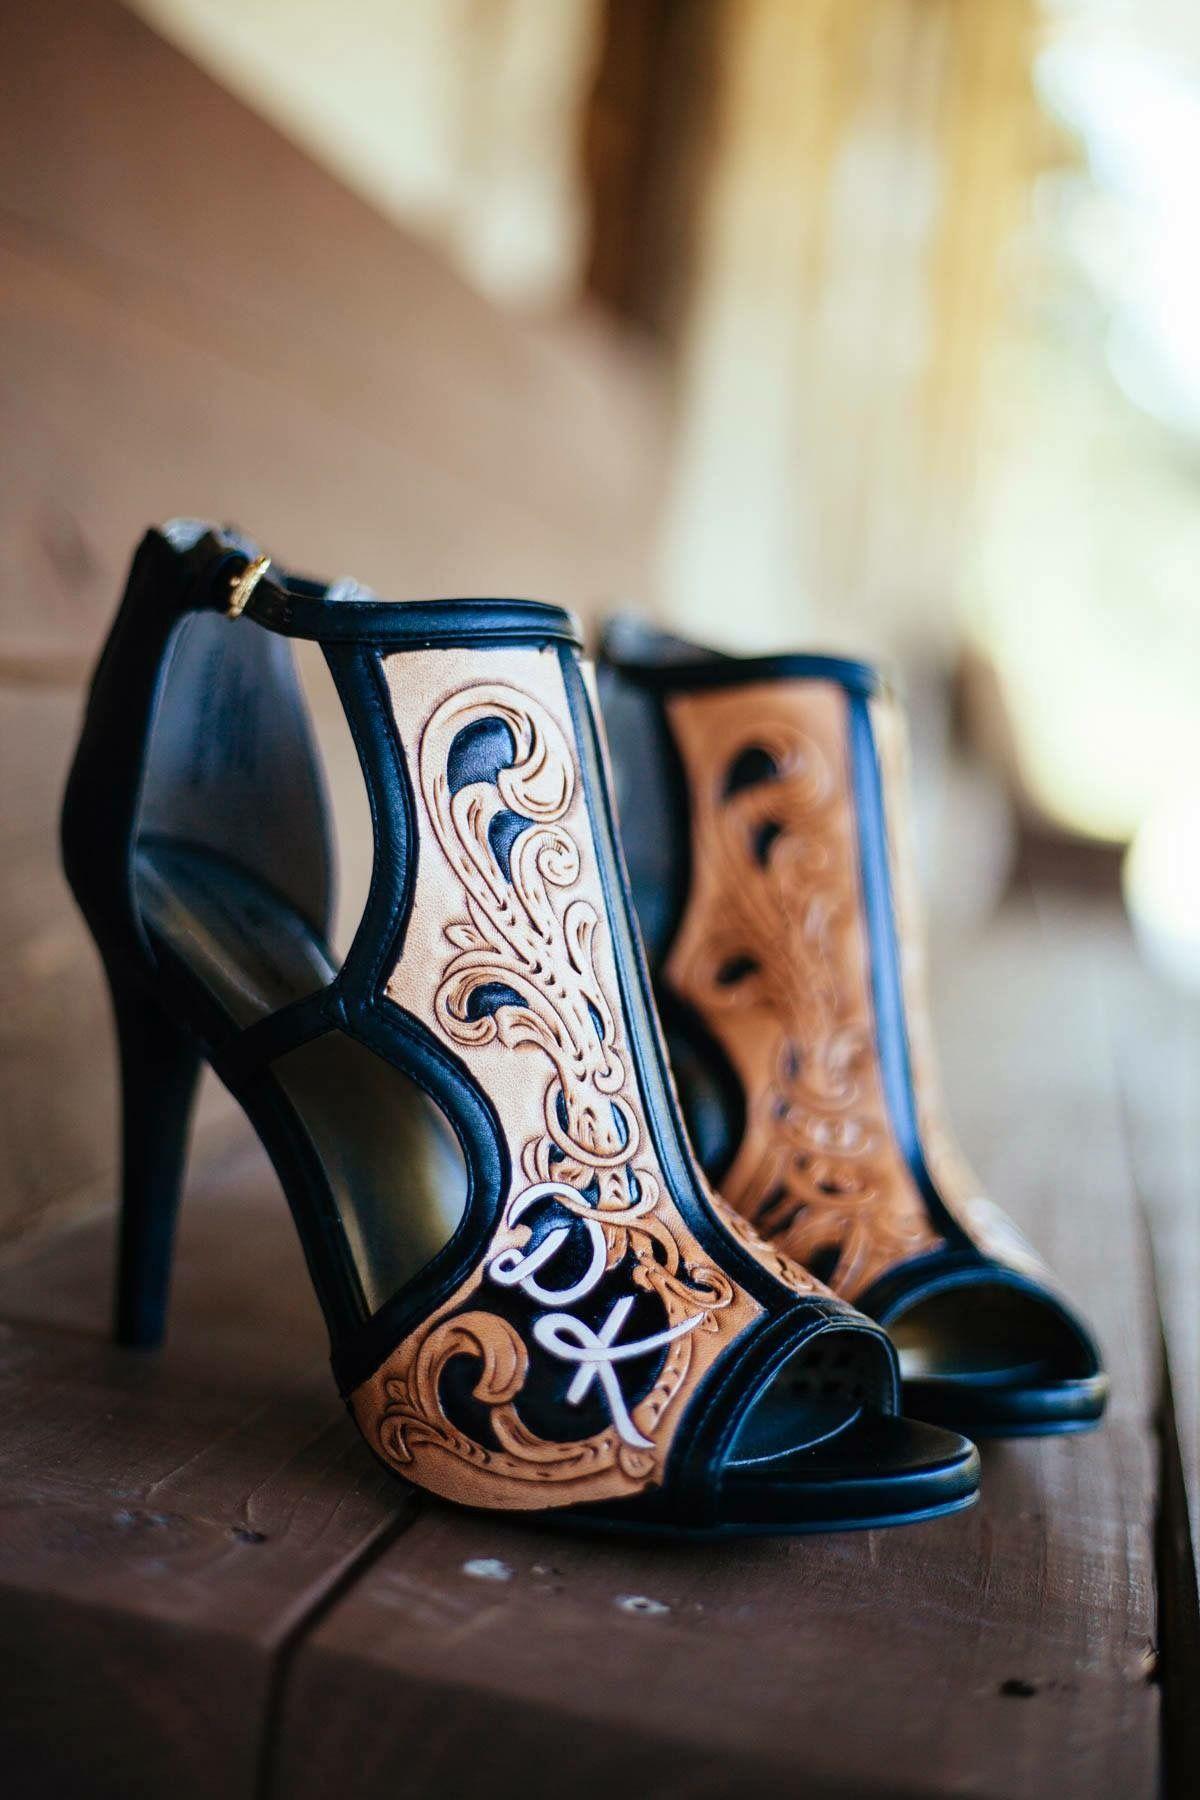 Épinglé sur Dream shoes ..chaussures de rêves !